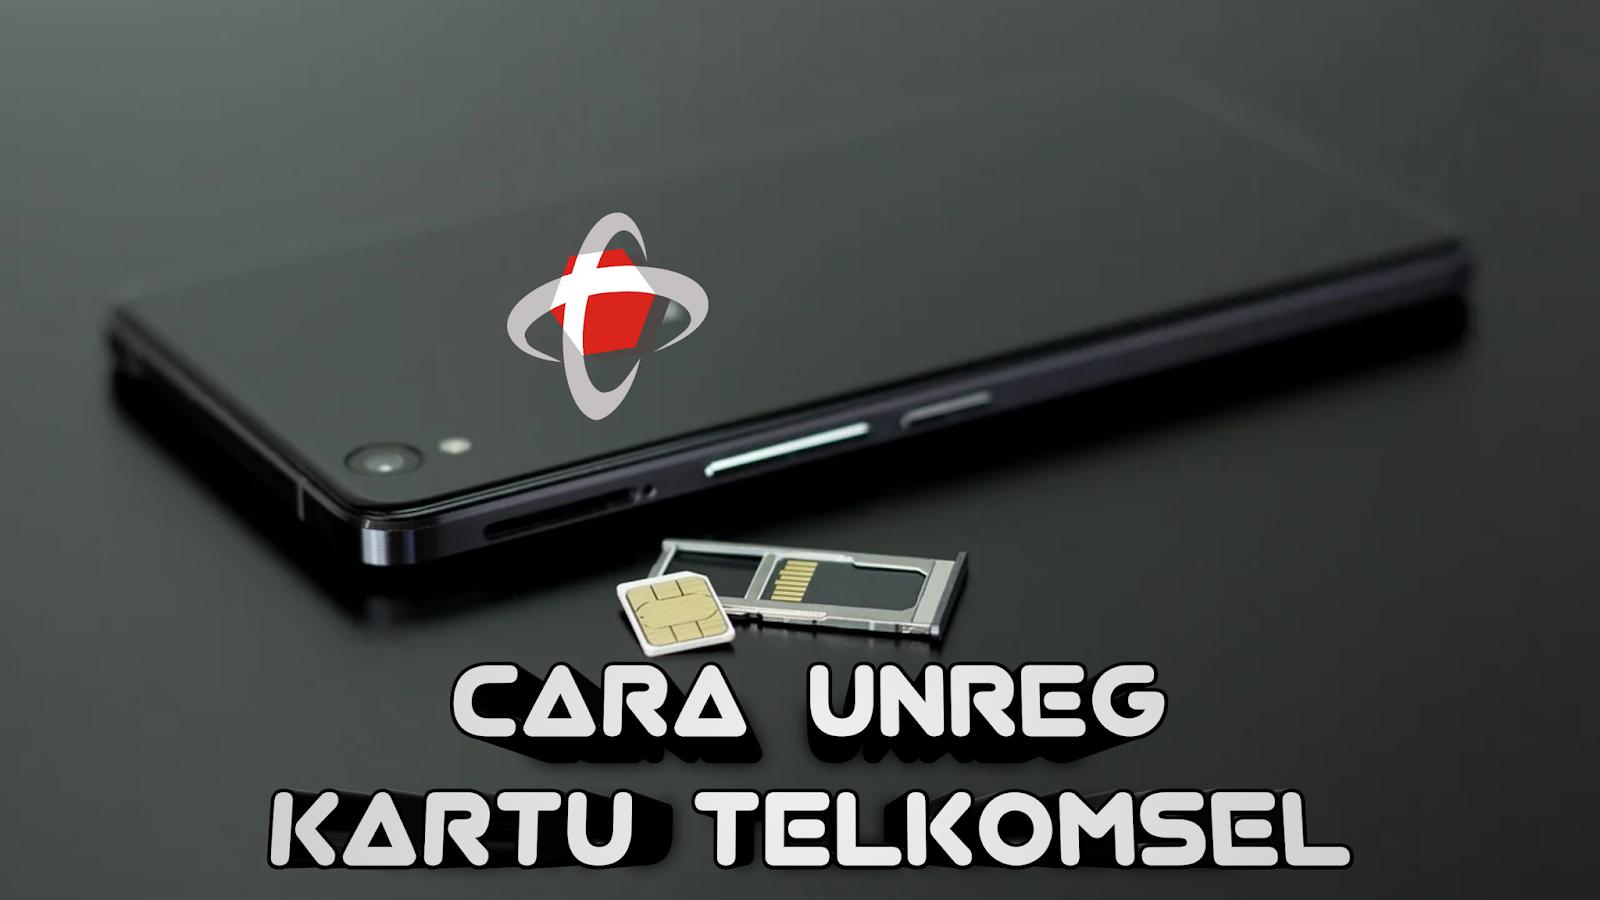 cara-unreg-kartu-telkomsel